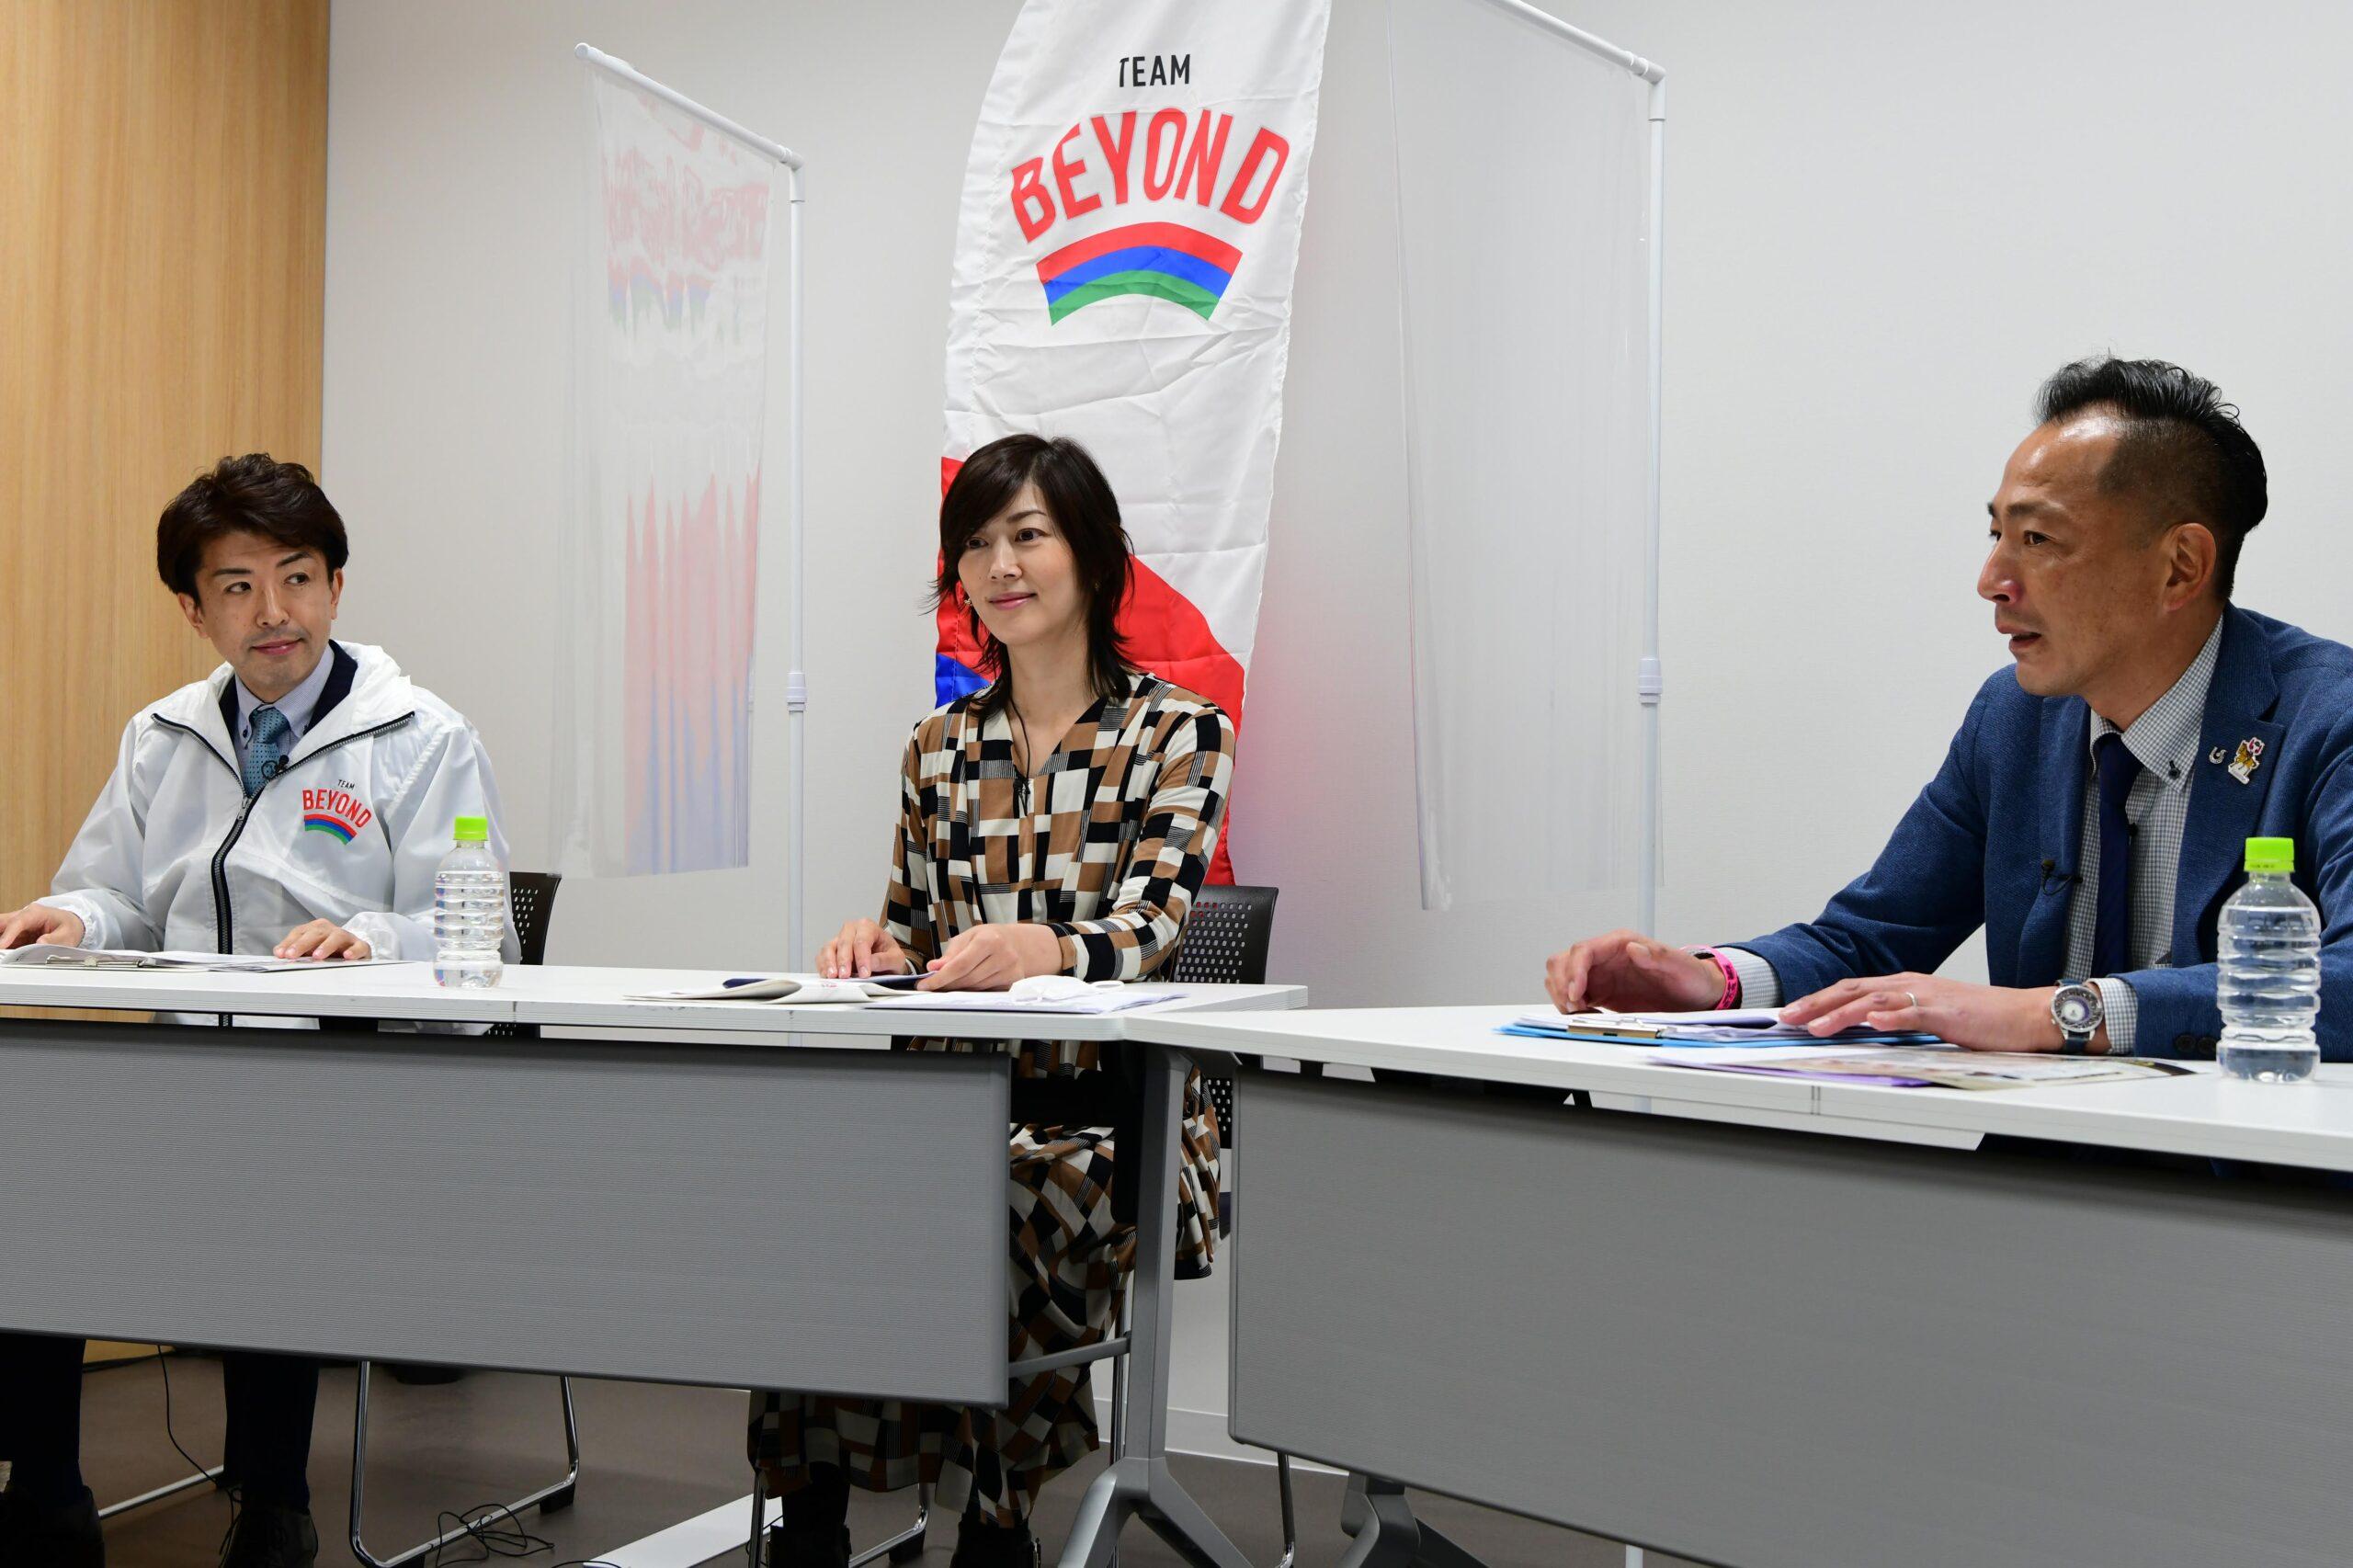 「第4回全日本パラ馬術大会」でTEAM BEYONDリモート観戦会、オンライン交流会を開催!人馬一体の華麗な競技を自宅で堪能